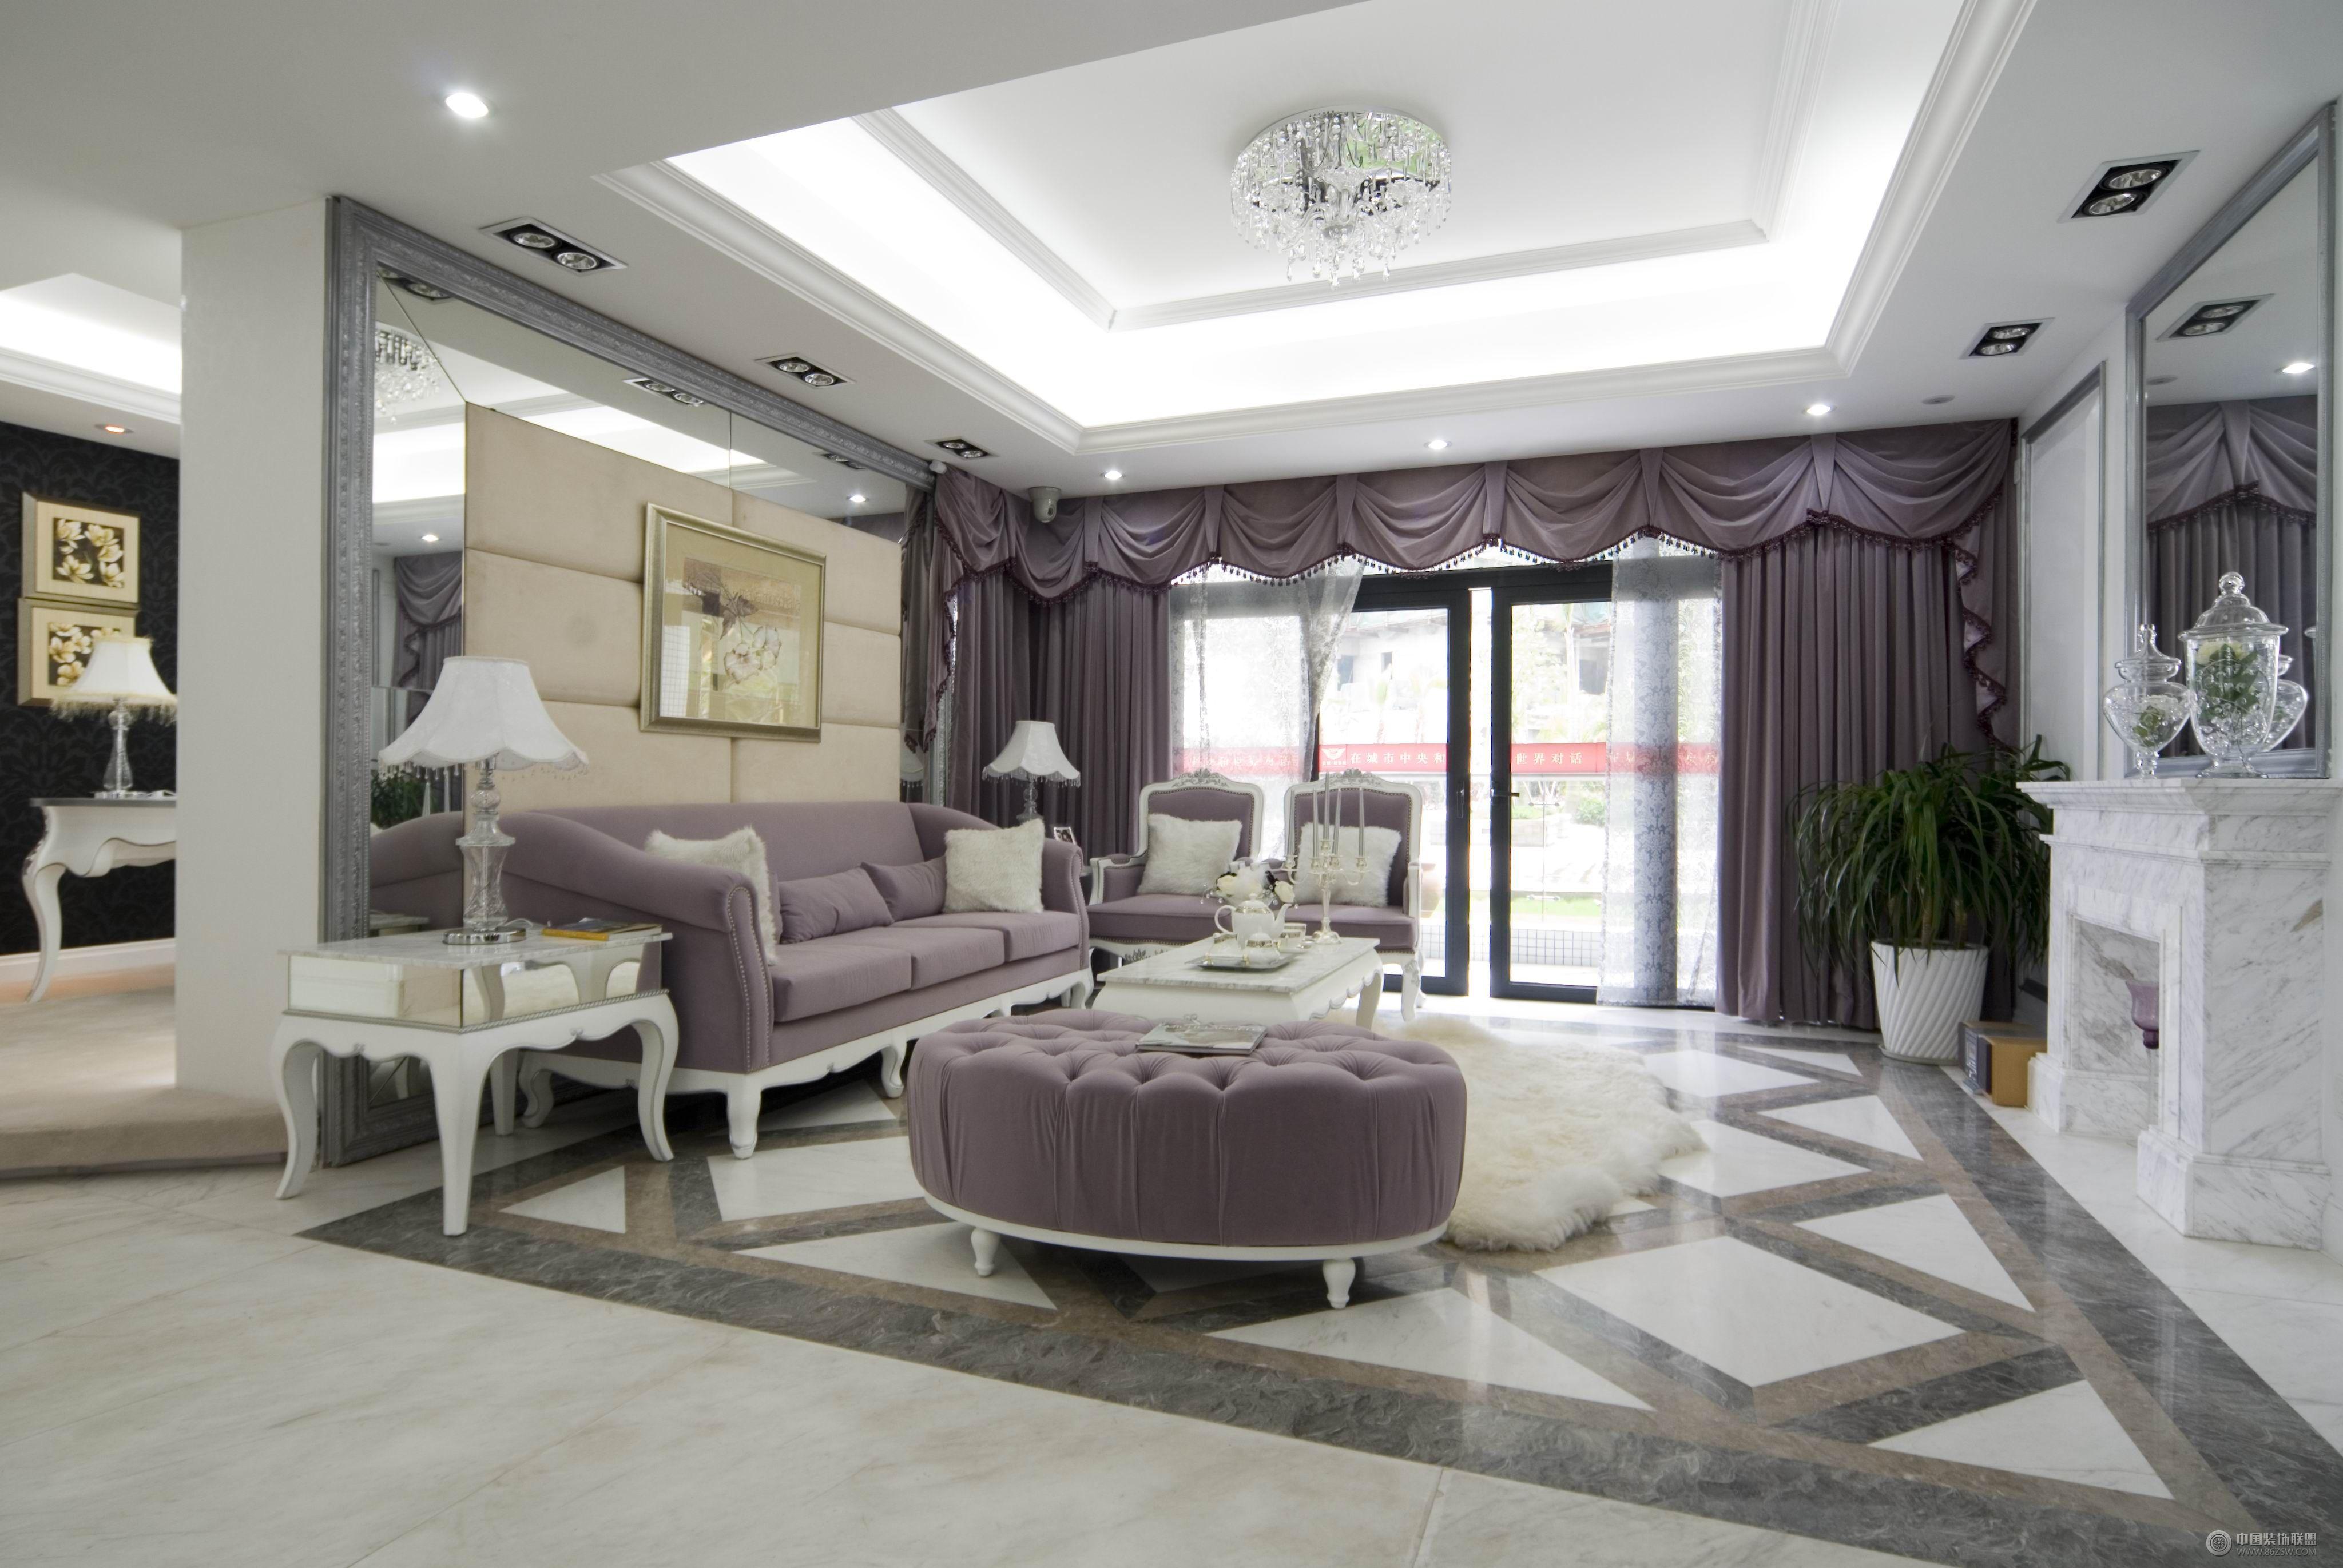 欧式格调-客厅装修效果图-八六(中国)装饰联盟装修